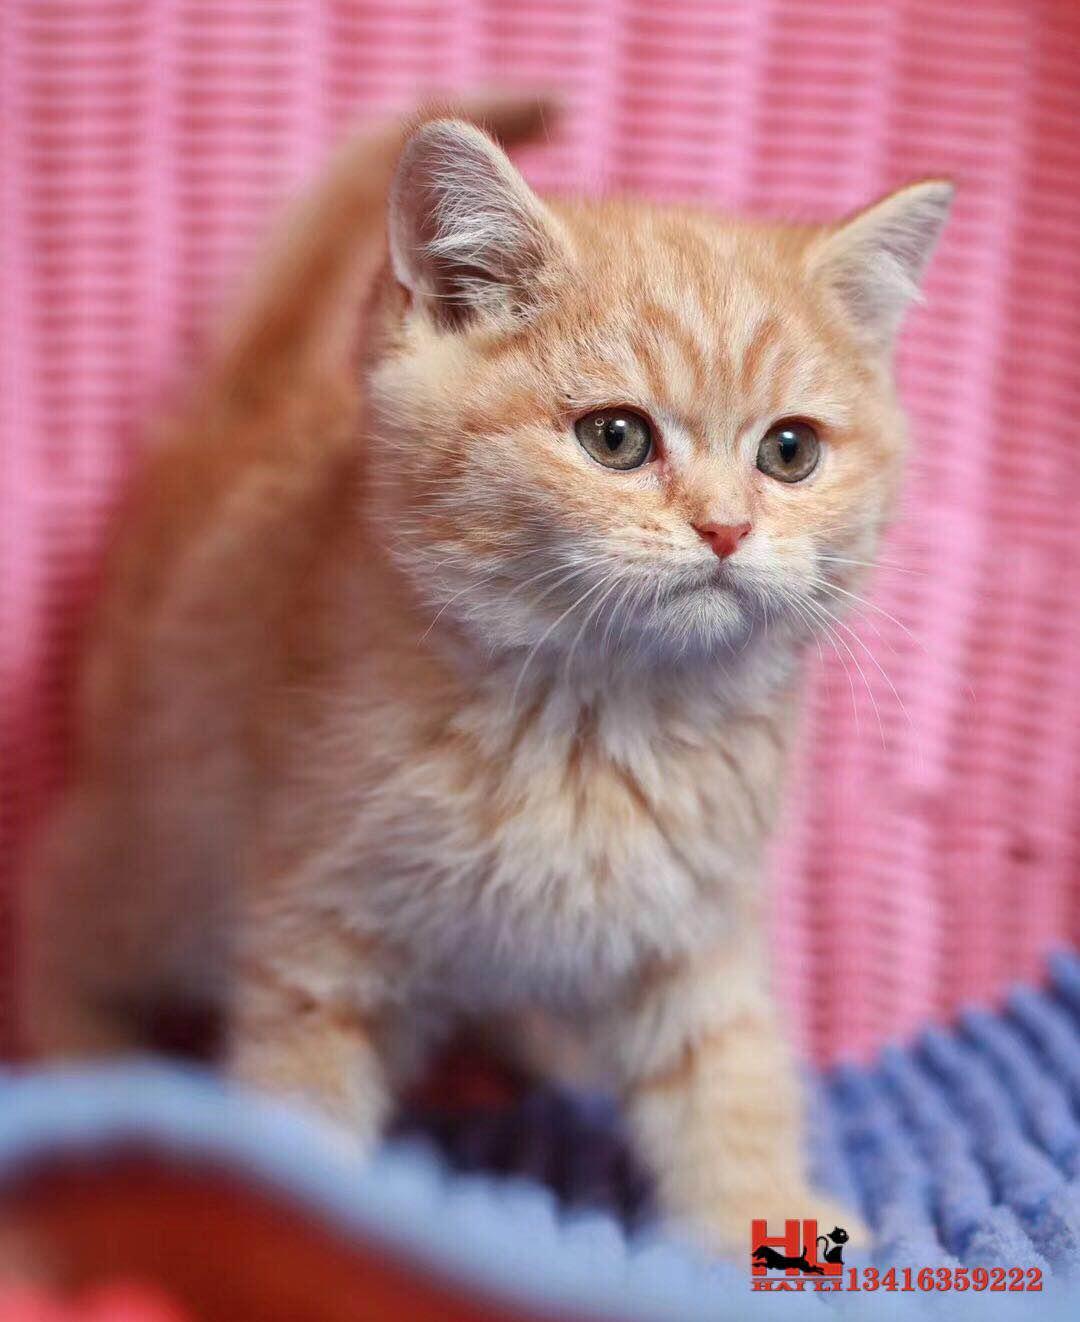 澳门中华田园猫 澳门橘猫多少钱 网红猫橘猫